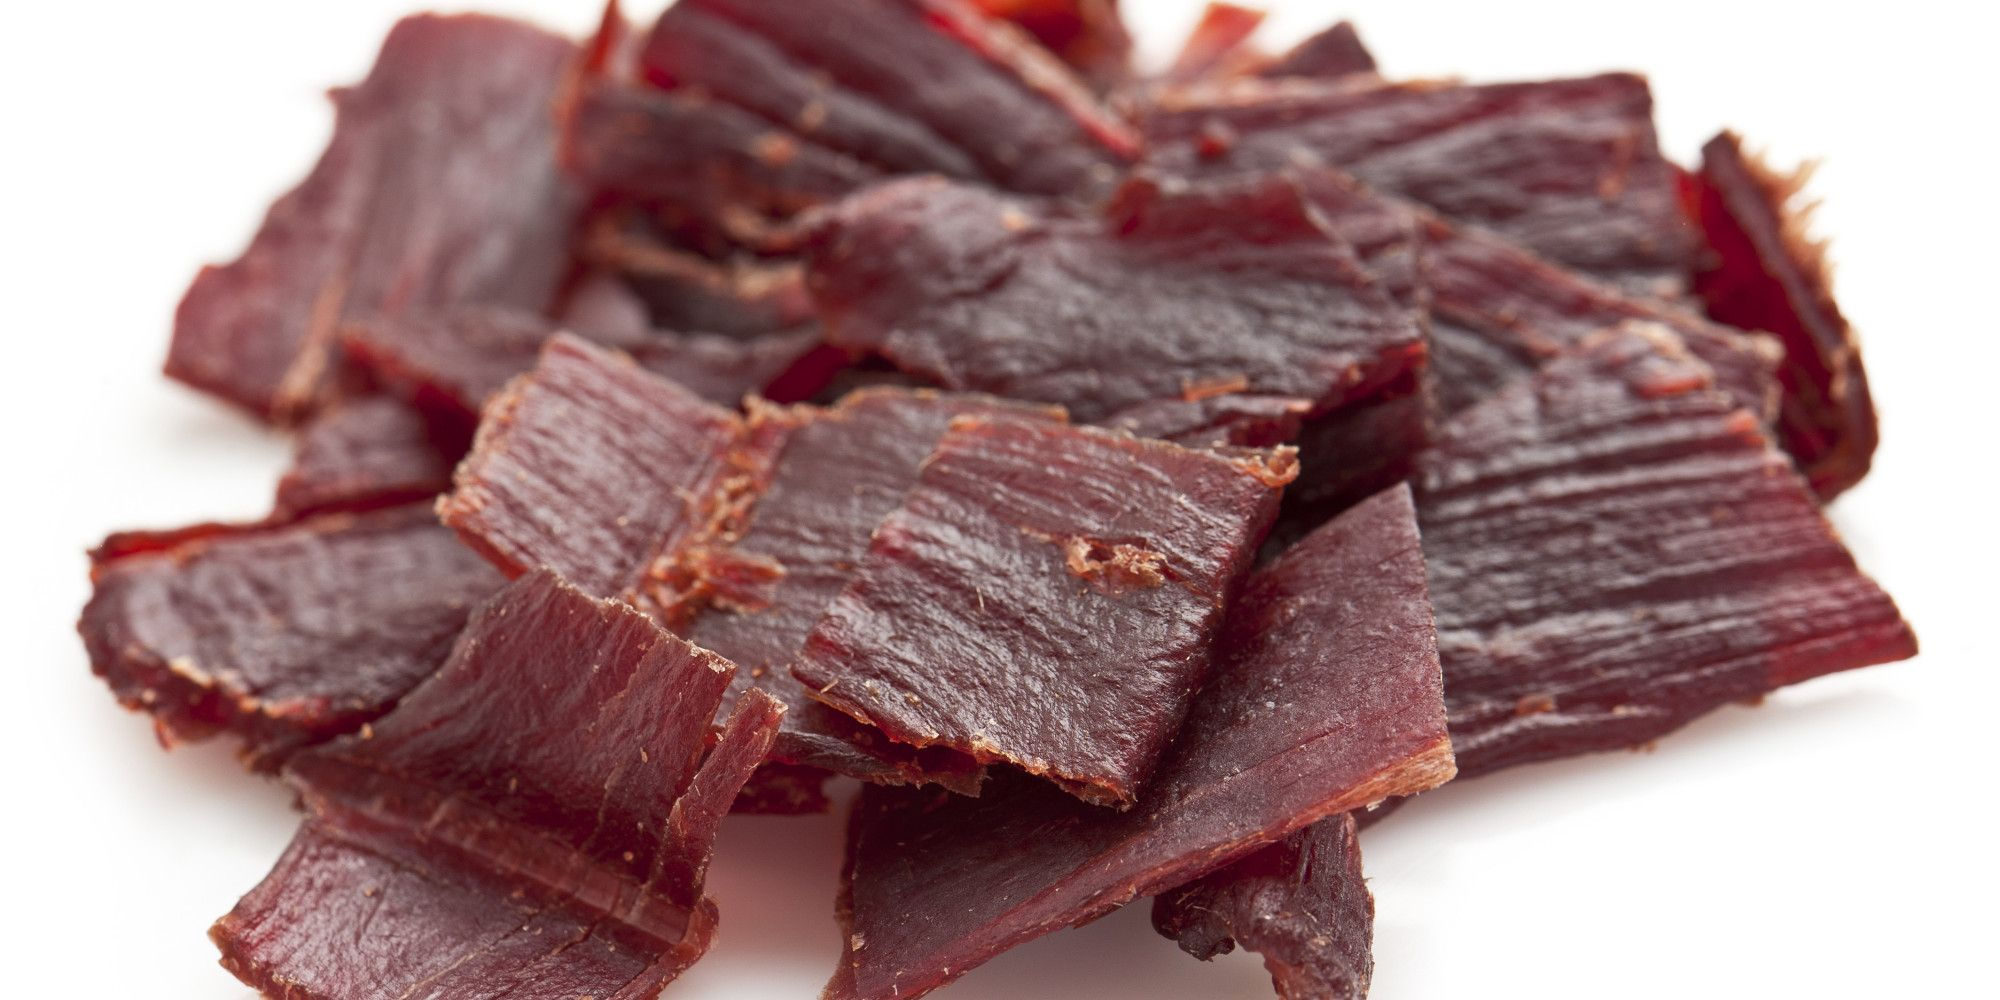 육포 (Jerky - dried and salty beef)